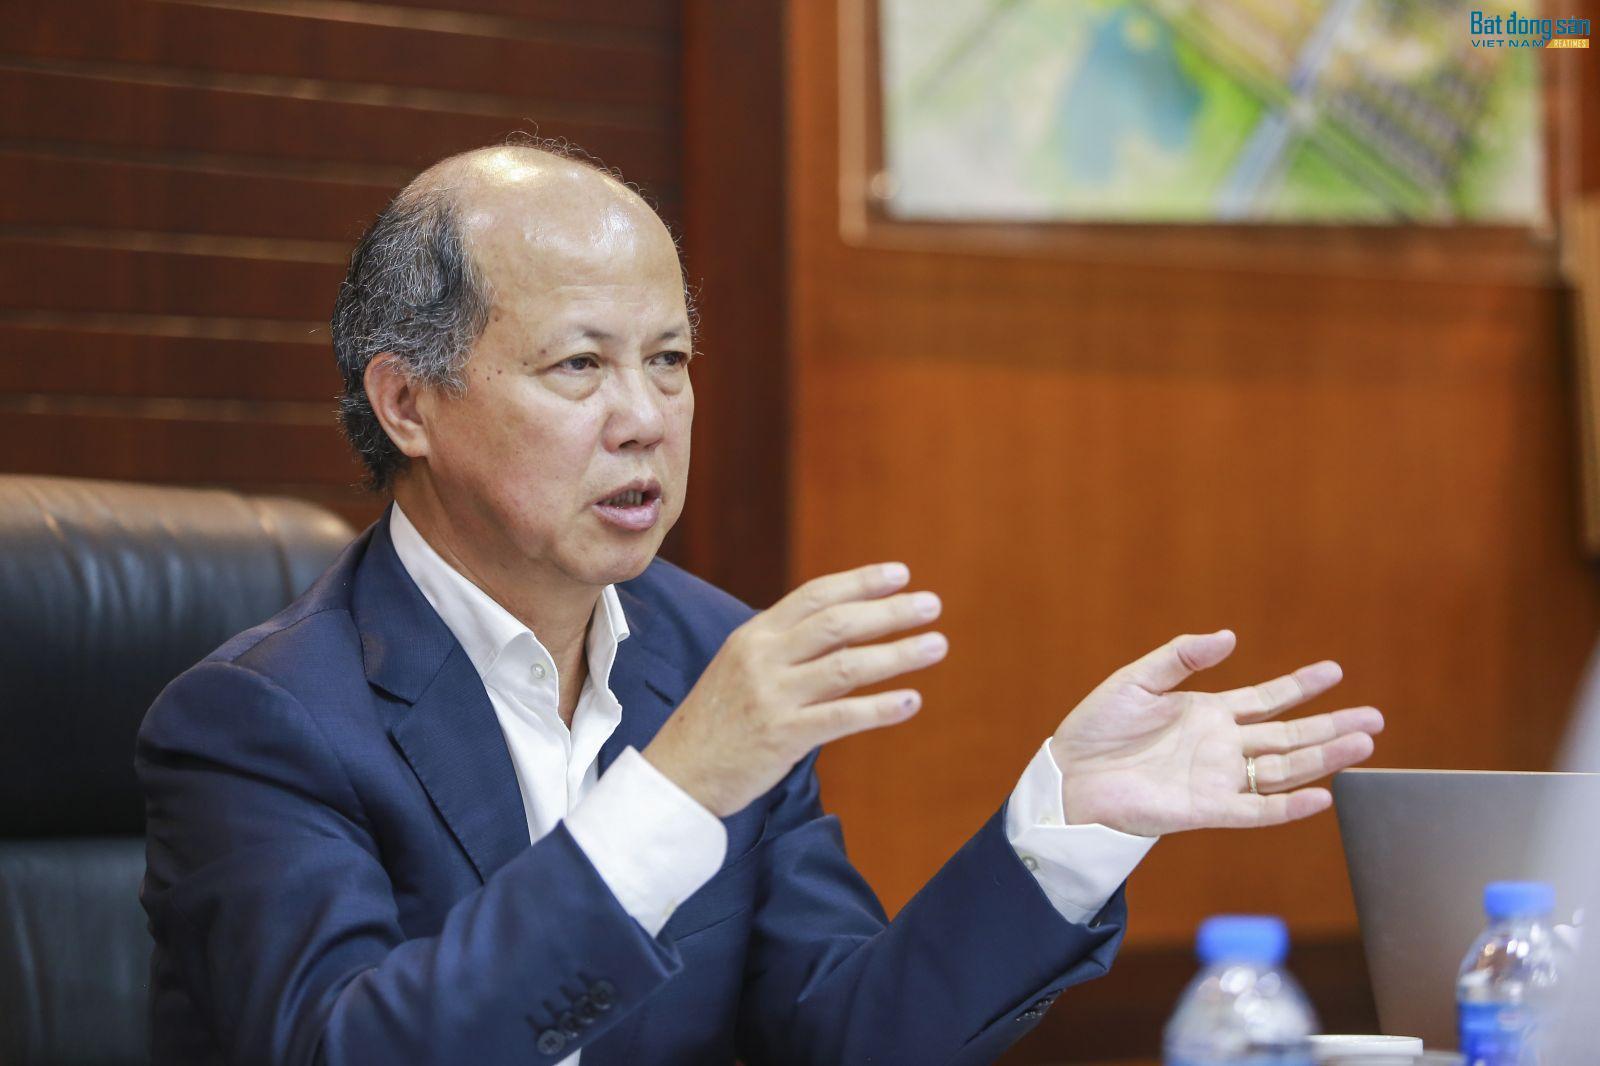 Ông Nguyễn Trần Nam, Chủ tịch Hiệp hội Bất động sản Việt Nam - nguyên Thứ trưởng Bộ xây dựng, Chủ tịch IREC 2018